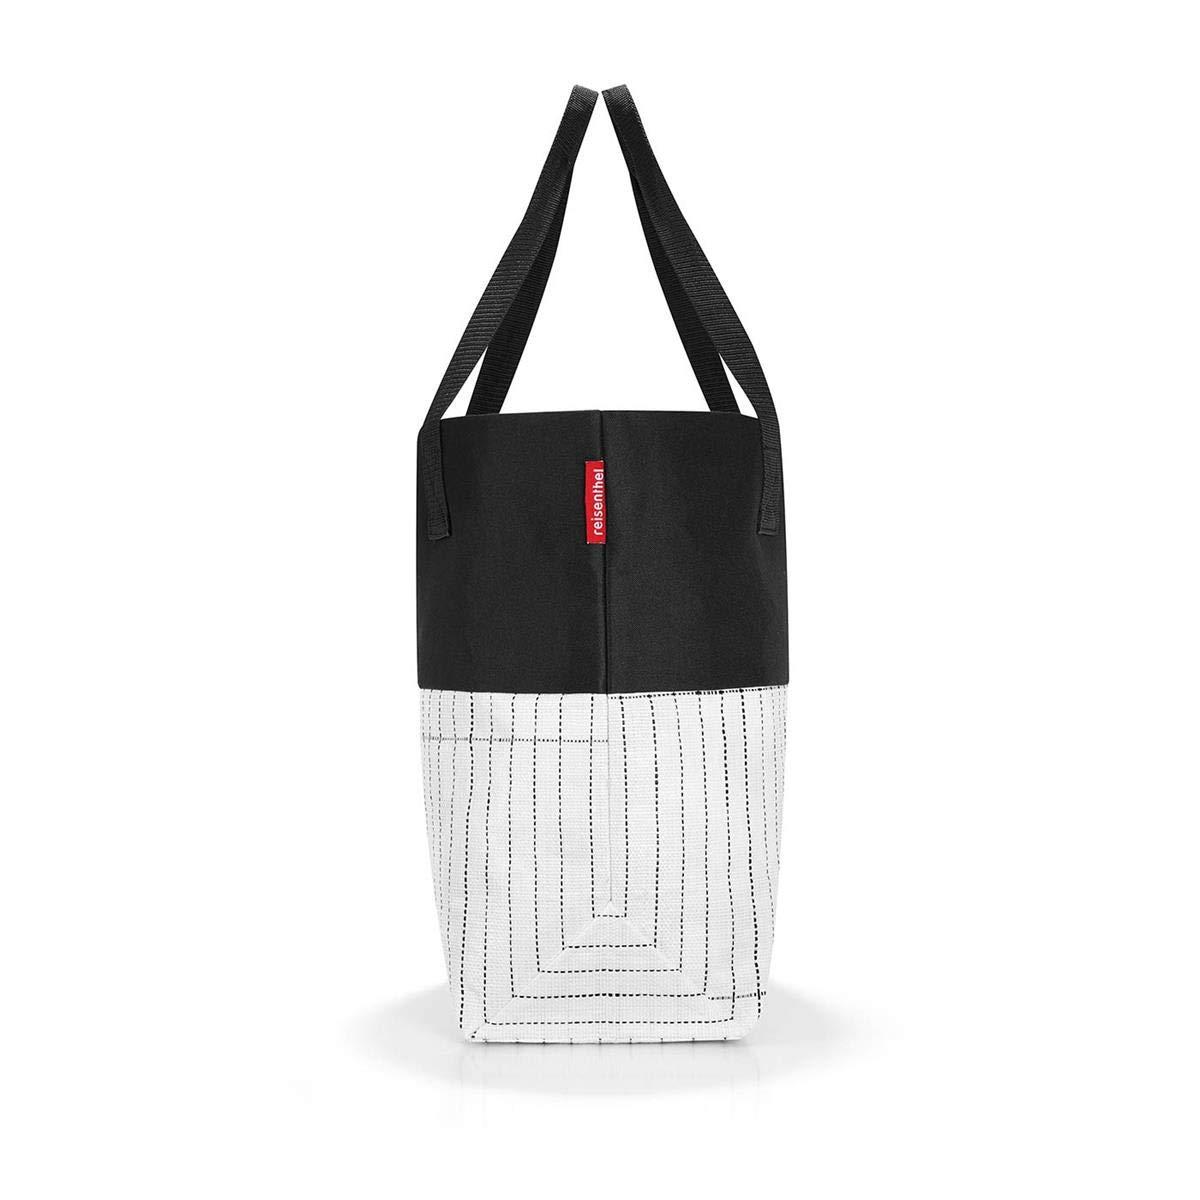 Reisenthel urban Borsone Multicolore 15 liters Black White 48 cm